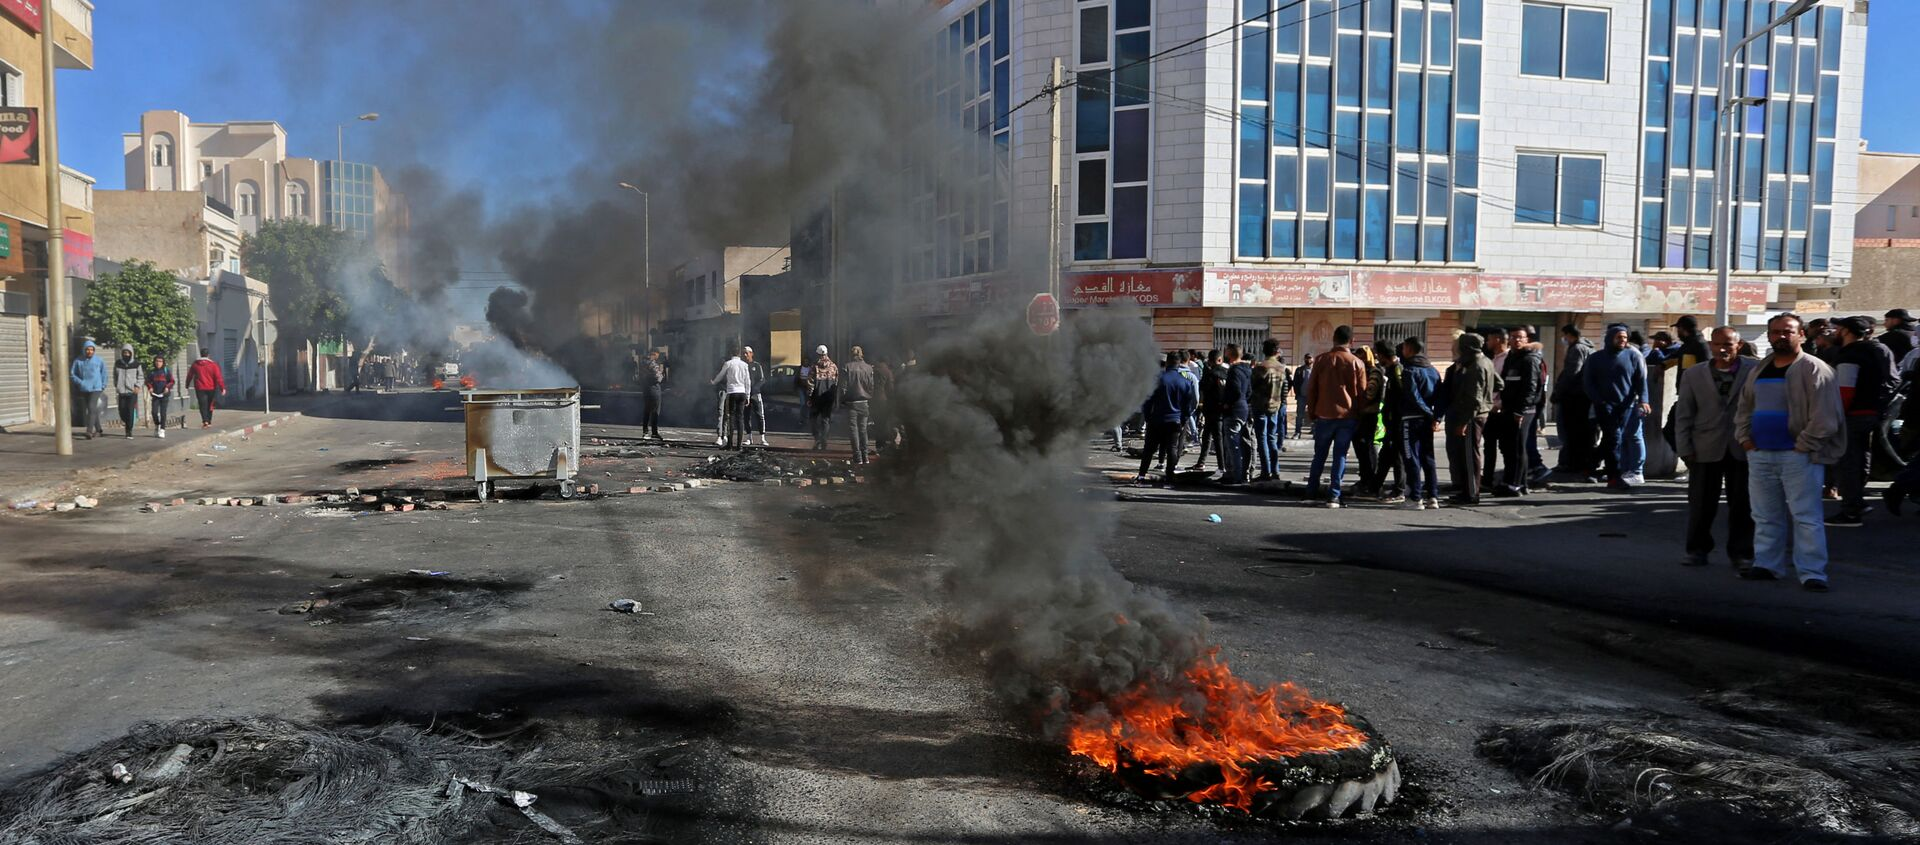 Des jeunes tunisiens brûlent des pneus pour protester contre le gouvernement qui n'a pas tenu ses promesses d'emploi - Sputnik France, 1920, 12.02.2021